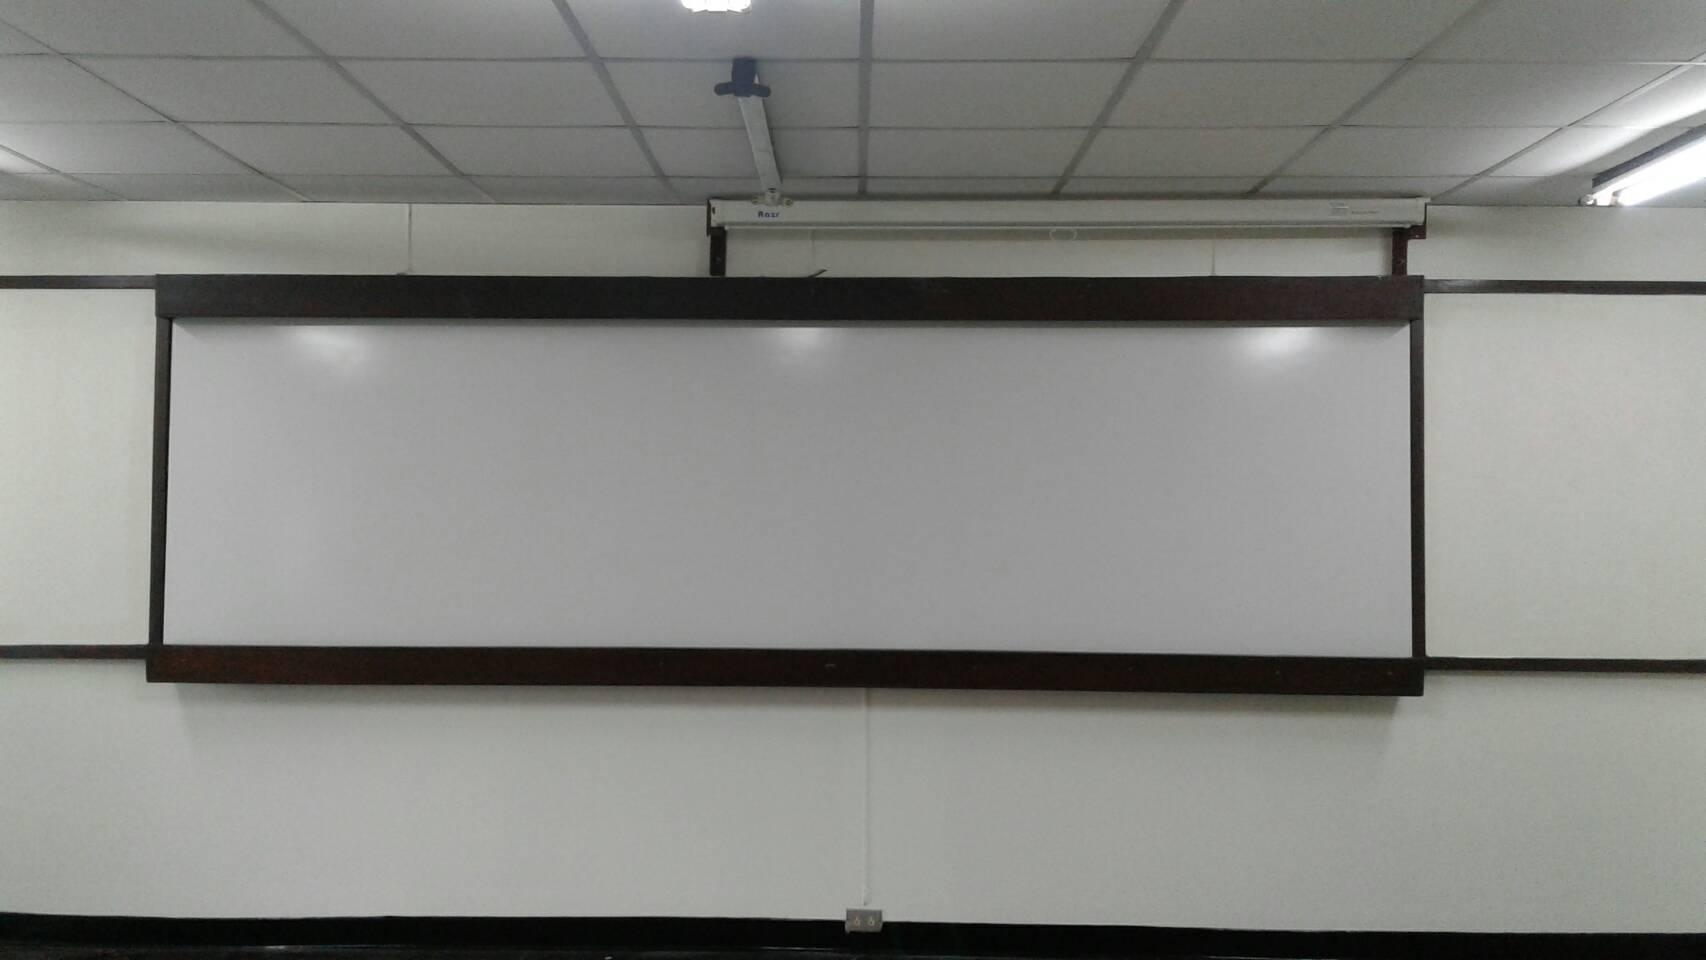 กระดานเซรามิคไวท์บอร์ด ผลงานติดตั้งมหาวิทยาลัยเทคโนโลยี พระจอมเกล้าธนบุรี